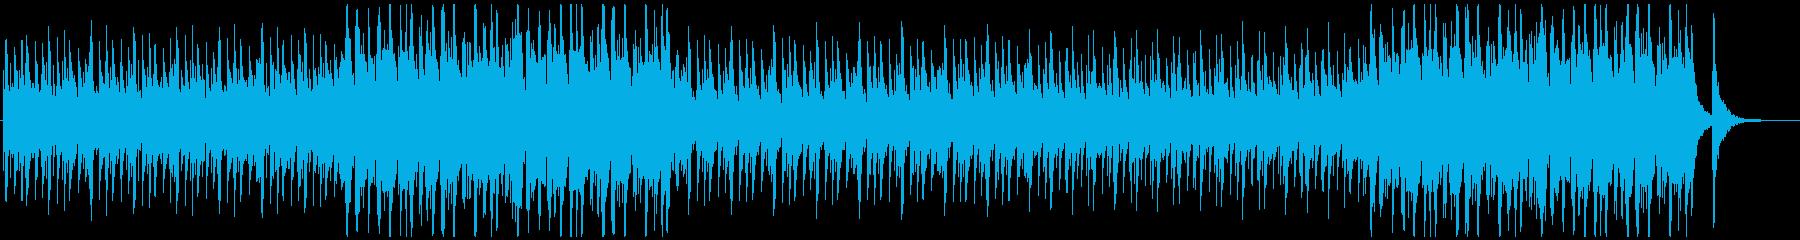 温もりのあるオーケストラ-情緒-物語の再生済みの波形